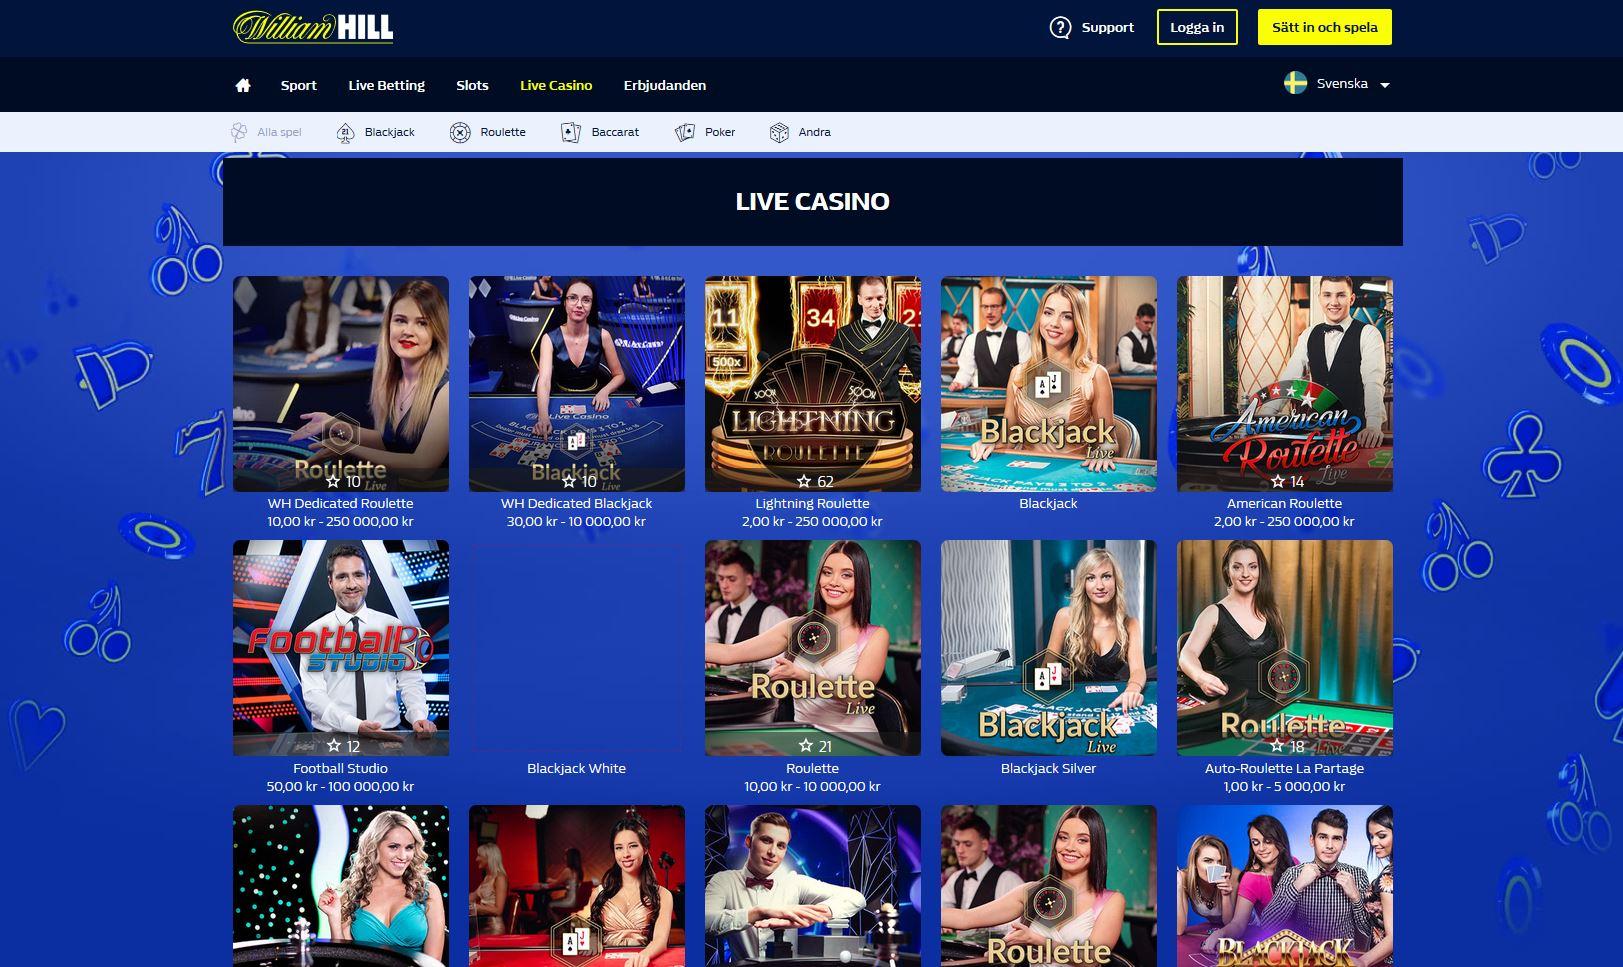 Förklarar live casino hos William Hill när vi tar oss till Casino hos William Hill.